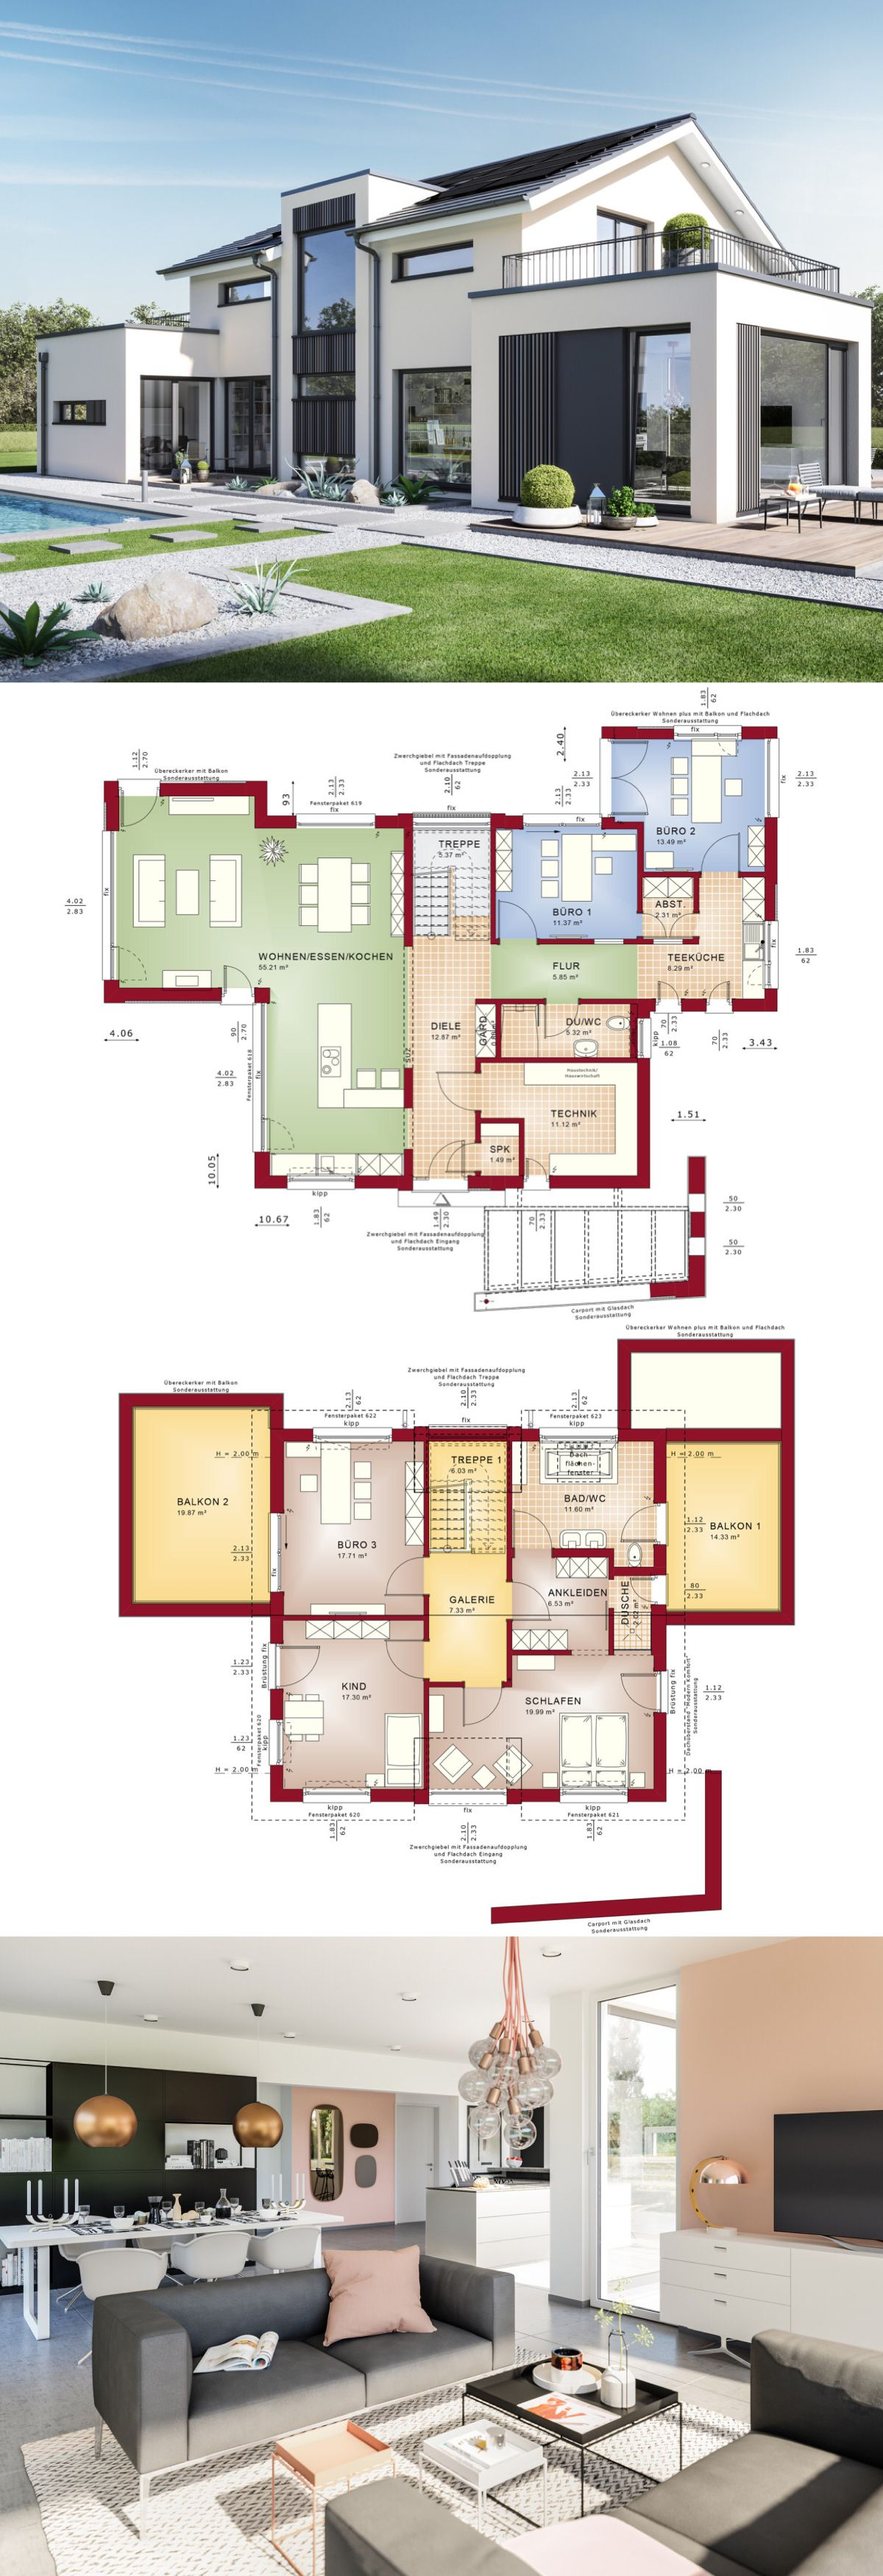 Modernes Design - Haus Concept M 154 Bien Zenker - Einfamilienhaus ...